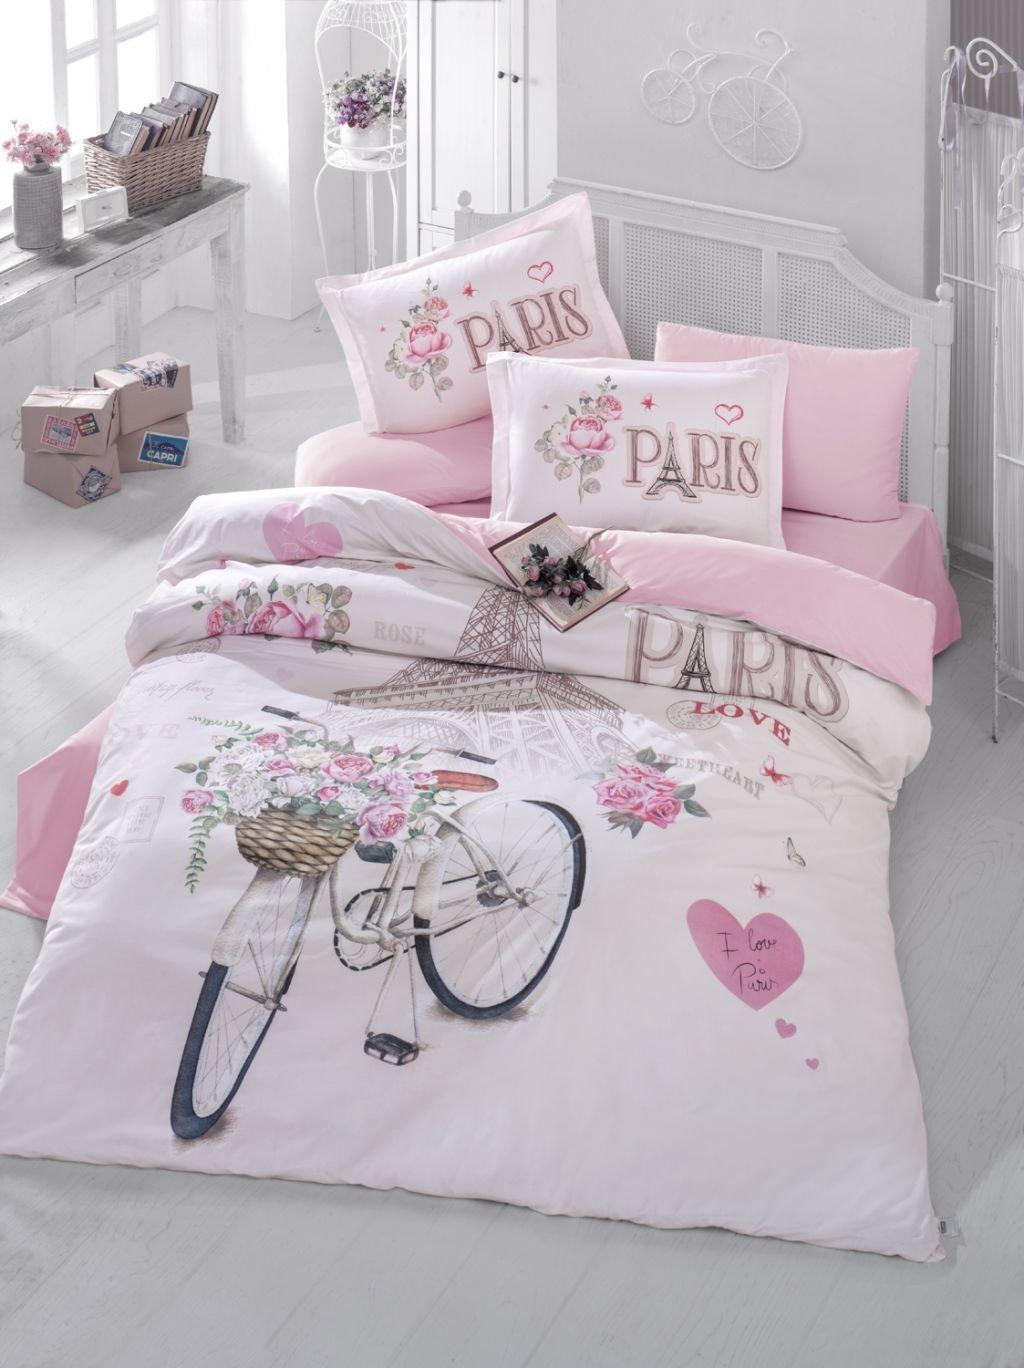 Bekata Paris Love,%100 Cotton Double-Full/Queen Size Quilt/Duvet Cover Set, Eiffel Tower Themed Paris Bedding Linens Reversible, COMFORTER INCLUDED (5 PCS)